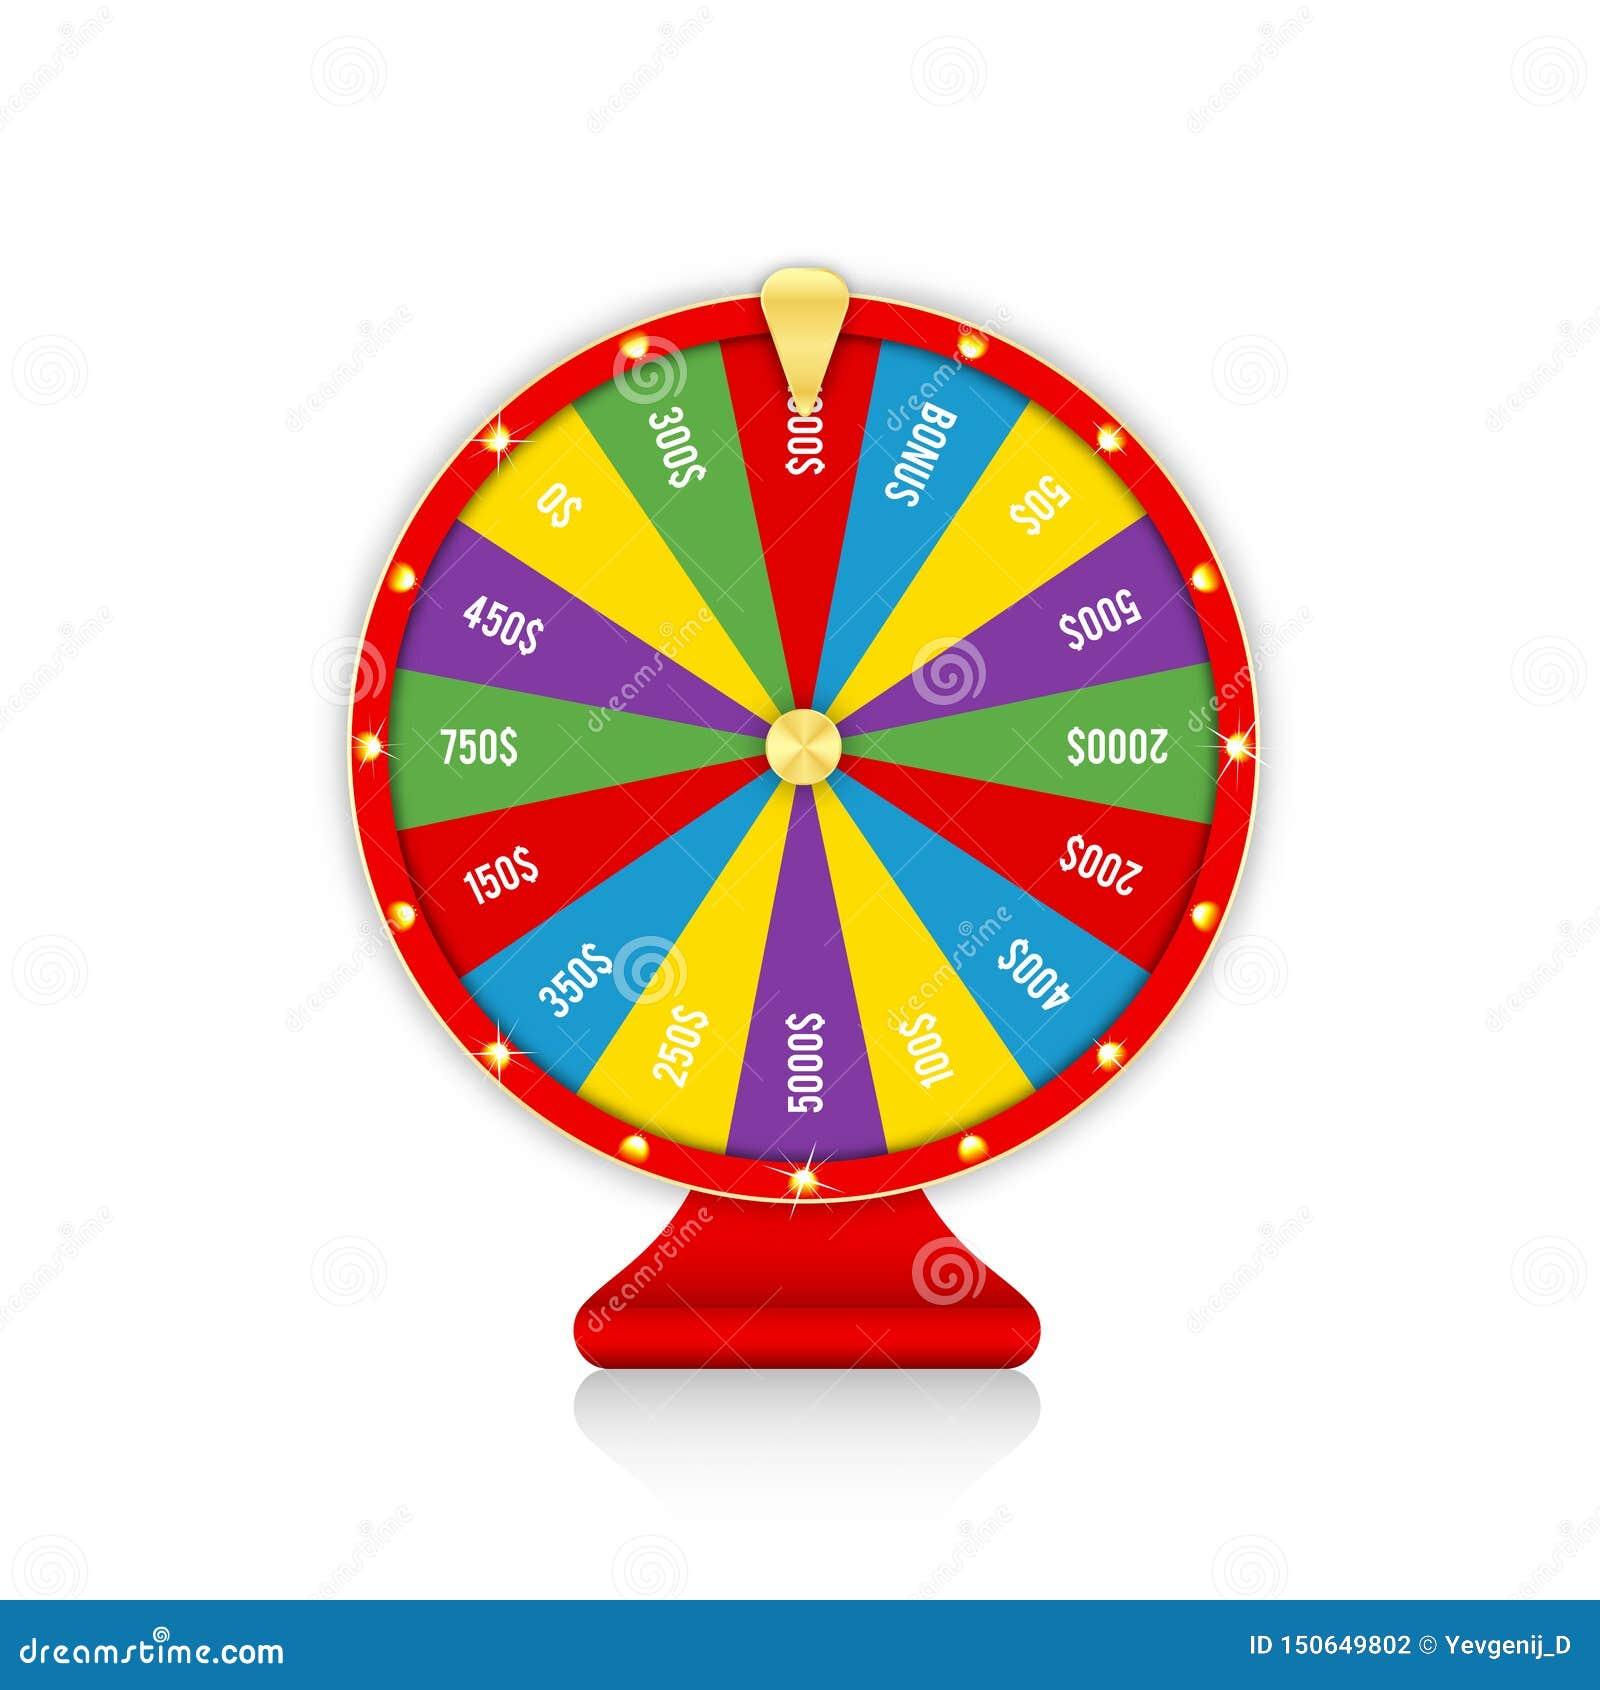 抓阄转轮,五颜六色的转动的时运轮子 抽奖的,赌博娱乐场比赛现实轮盘赌设计